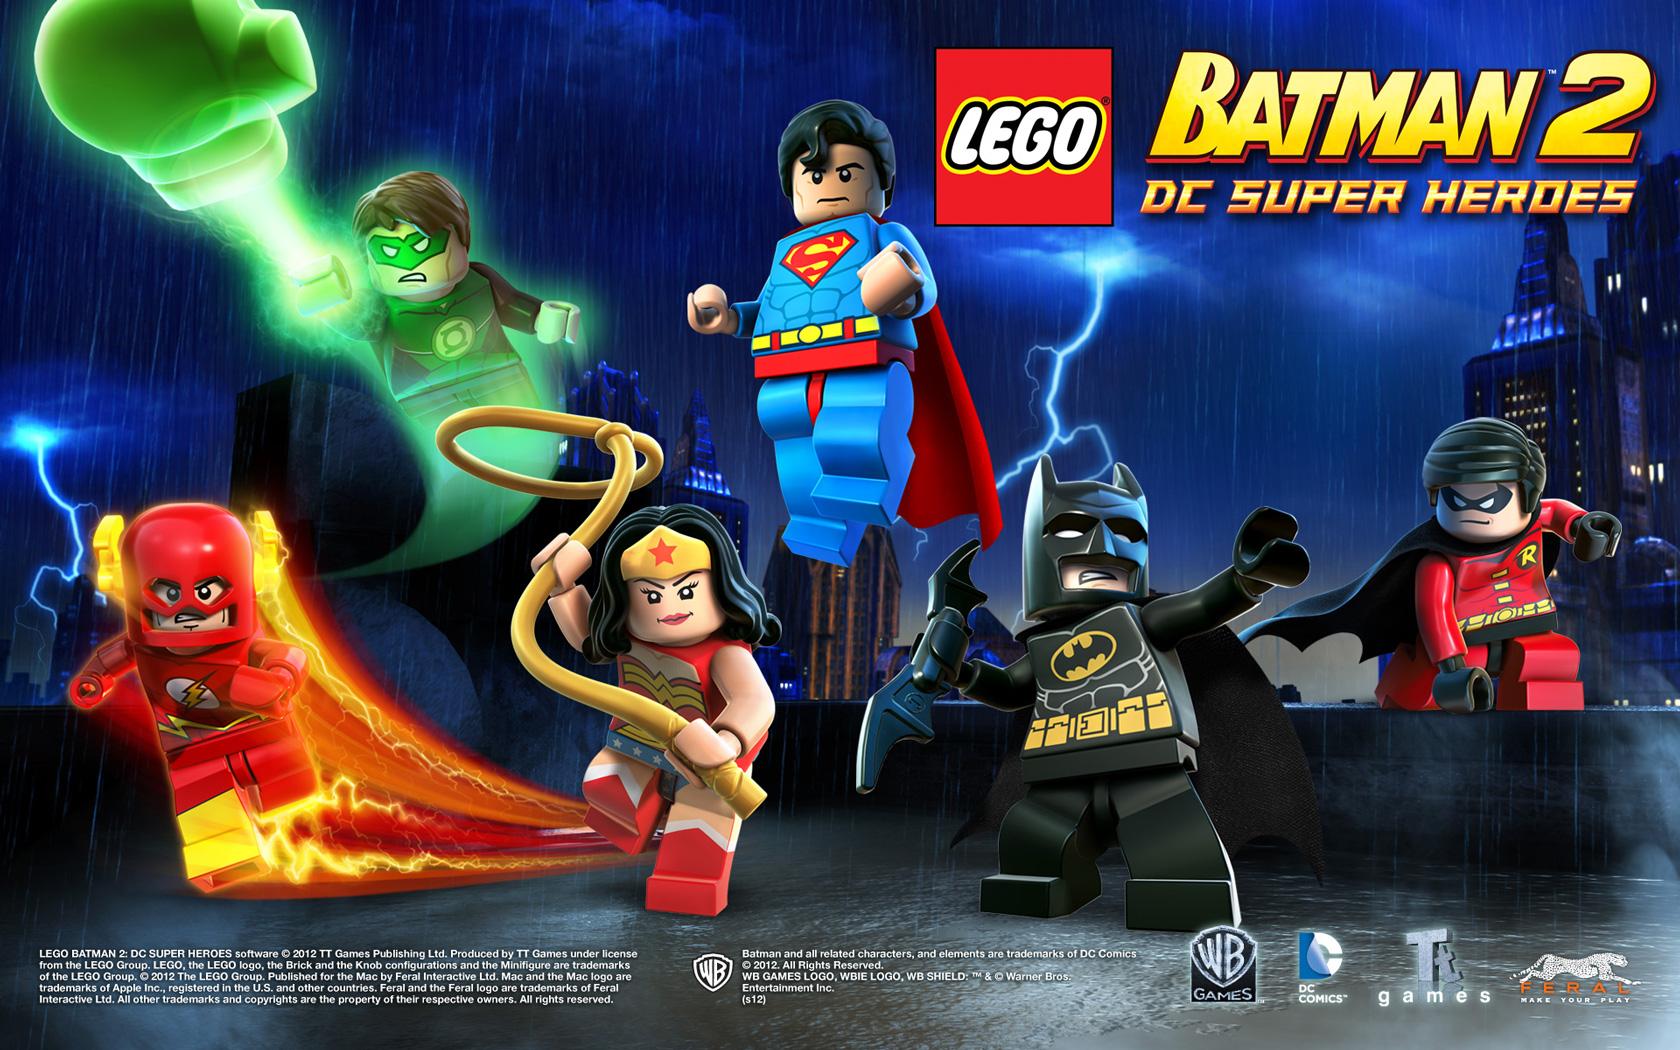 Lego batman 2 dc super heroes for mac media feral interactive